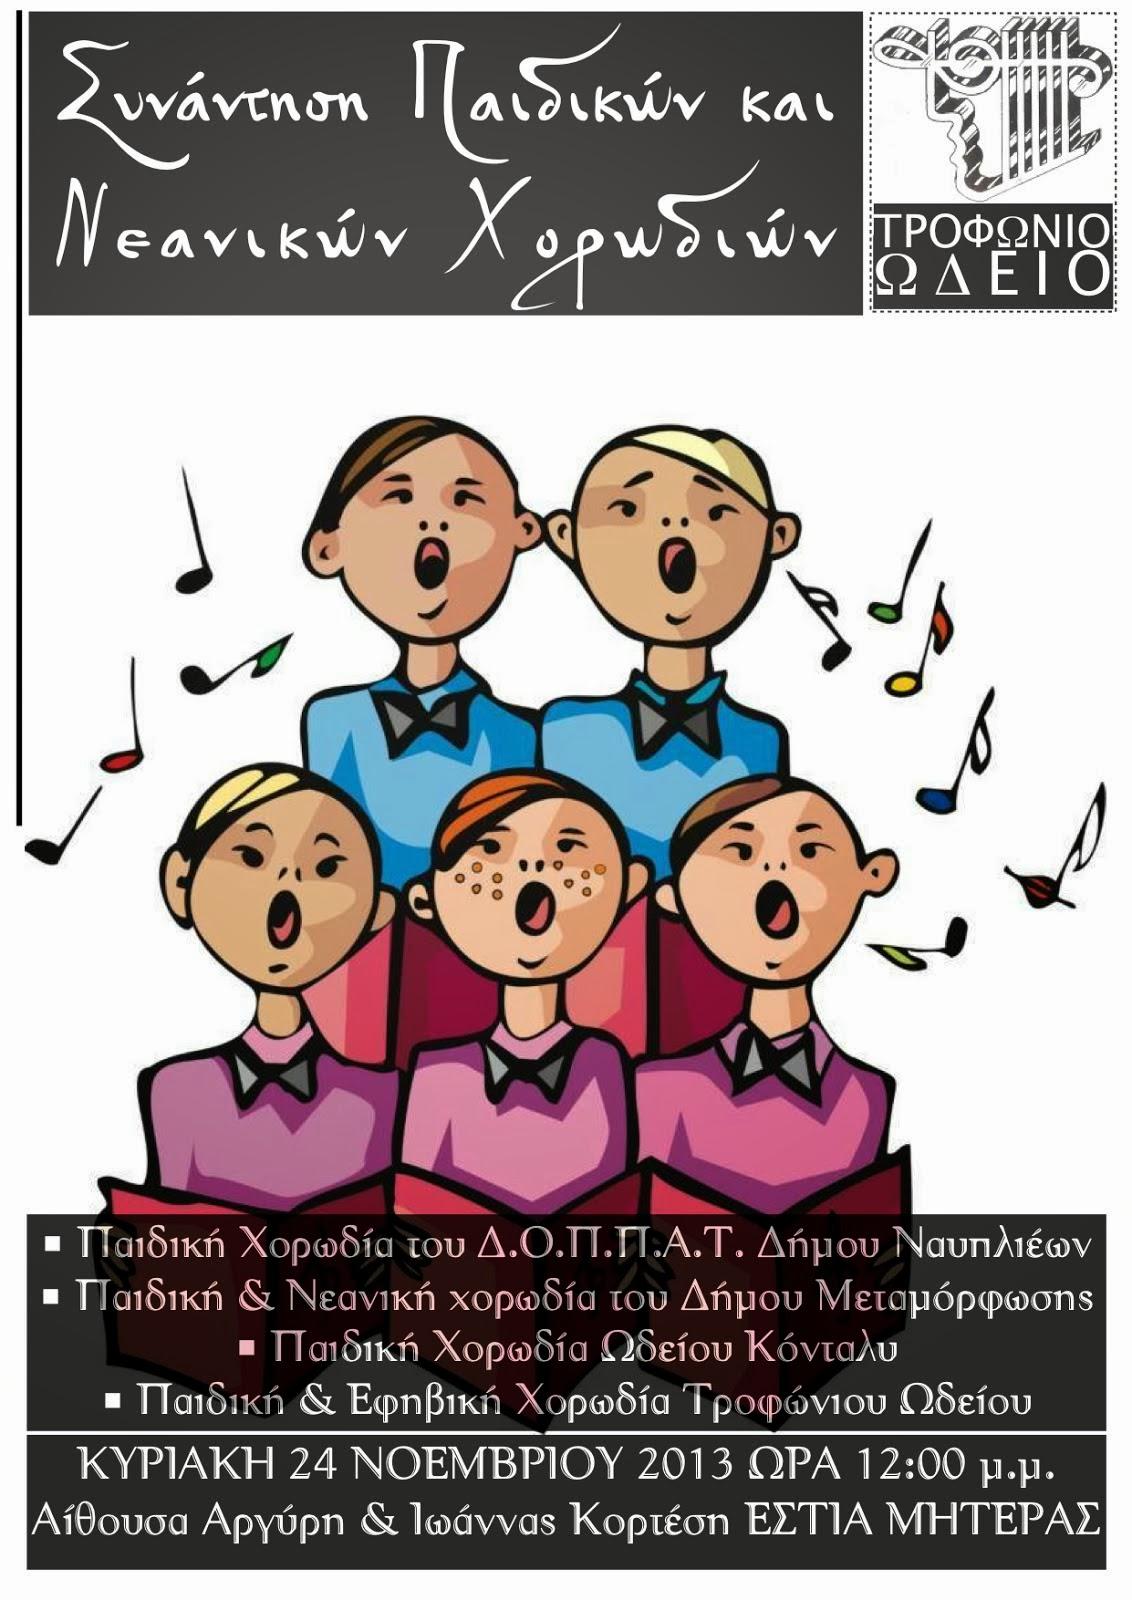 ΚΥΡΙΑΚΗ 24 Νοεμβριου 2013  Συνάντηση παιδικών και Νεανικών Χορωδιών  Ώρα 12.00μ.μ.  Εστία Μητέρας